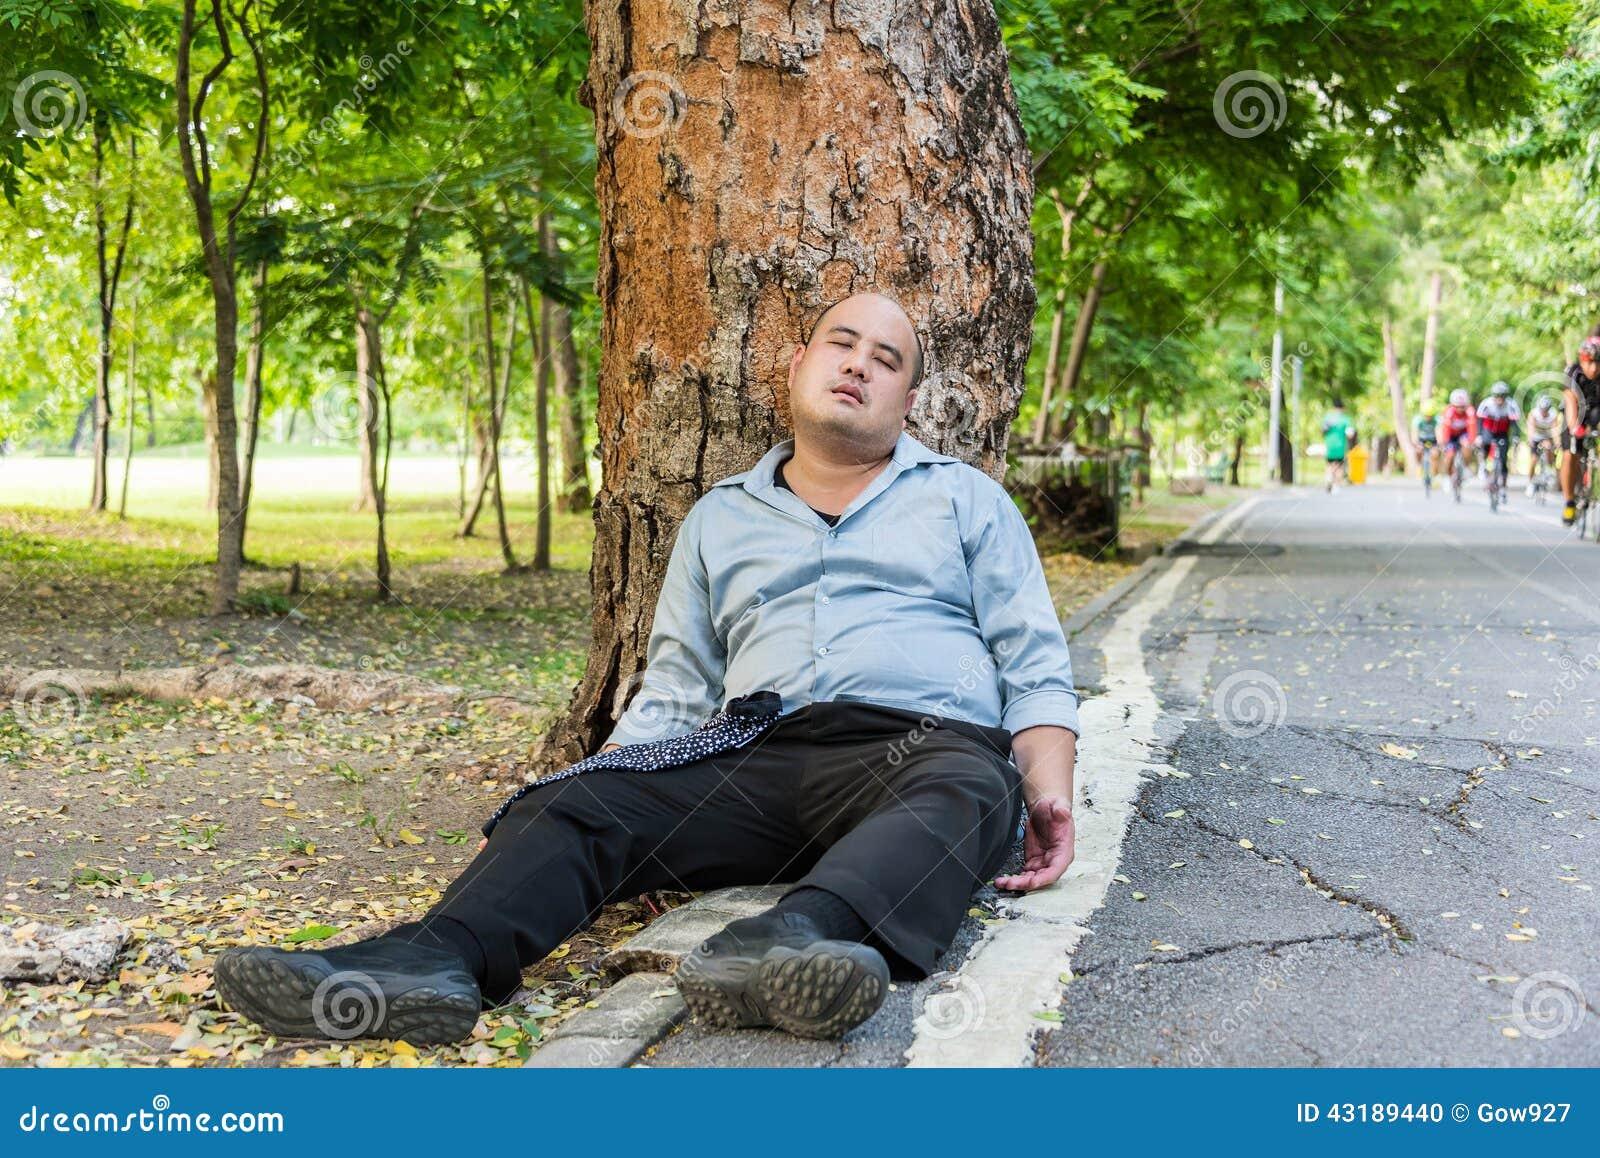 Fetter Kerl stock abbildung Bild von hintergrund, nippel